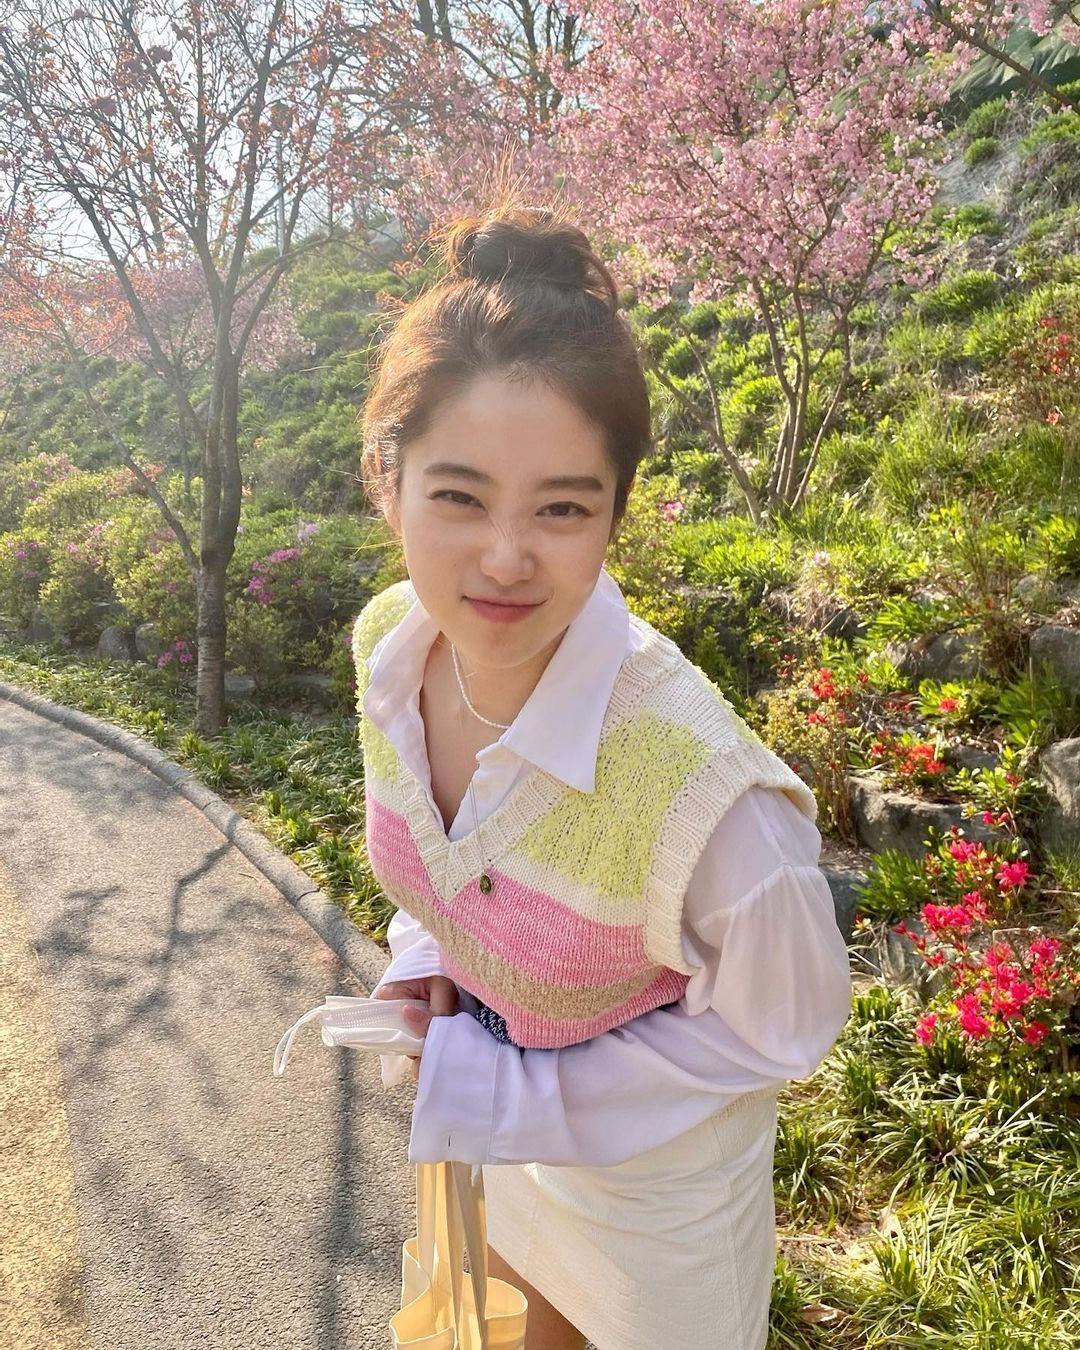 韩国甜甜小姐姐한나身材超会藏根本是神隐少女